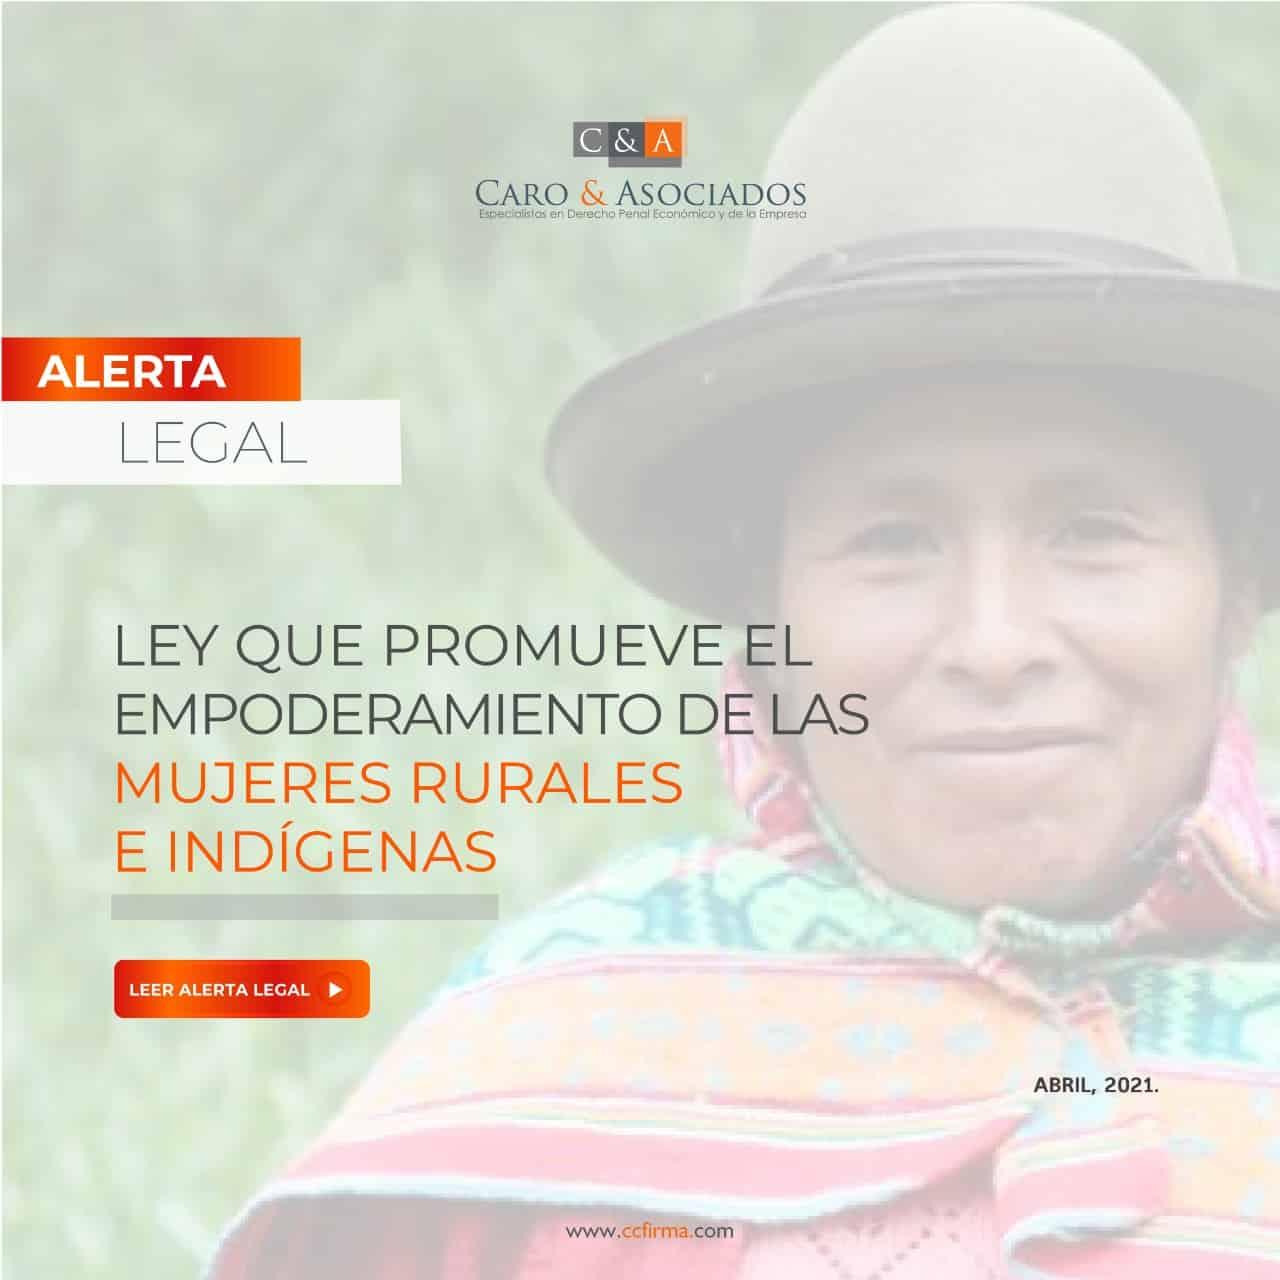 Alerta Legal: Ley Que Promueve El Empoderamiento De Las Mujeres Rurales E Indígenas